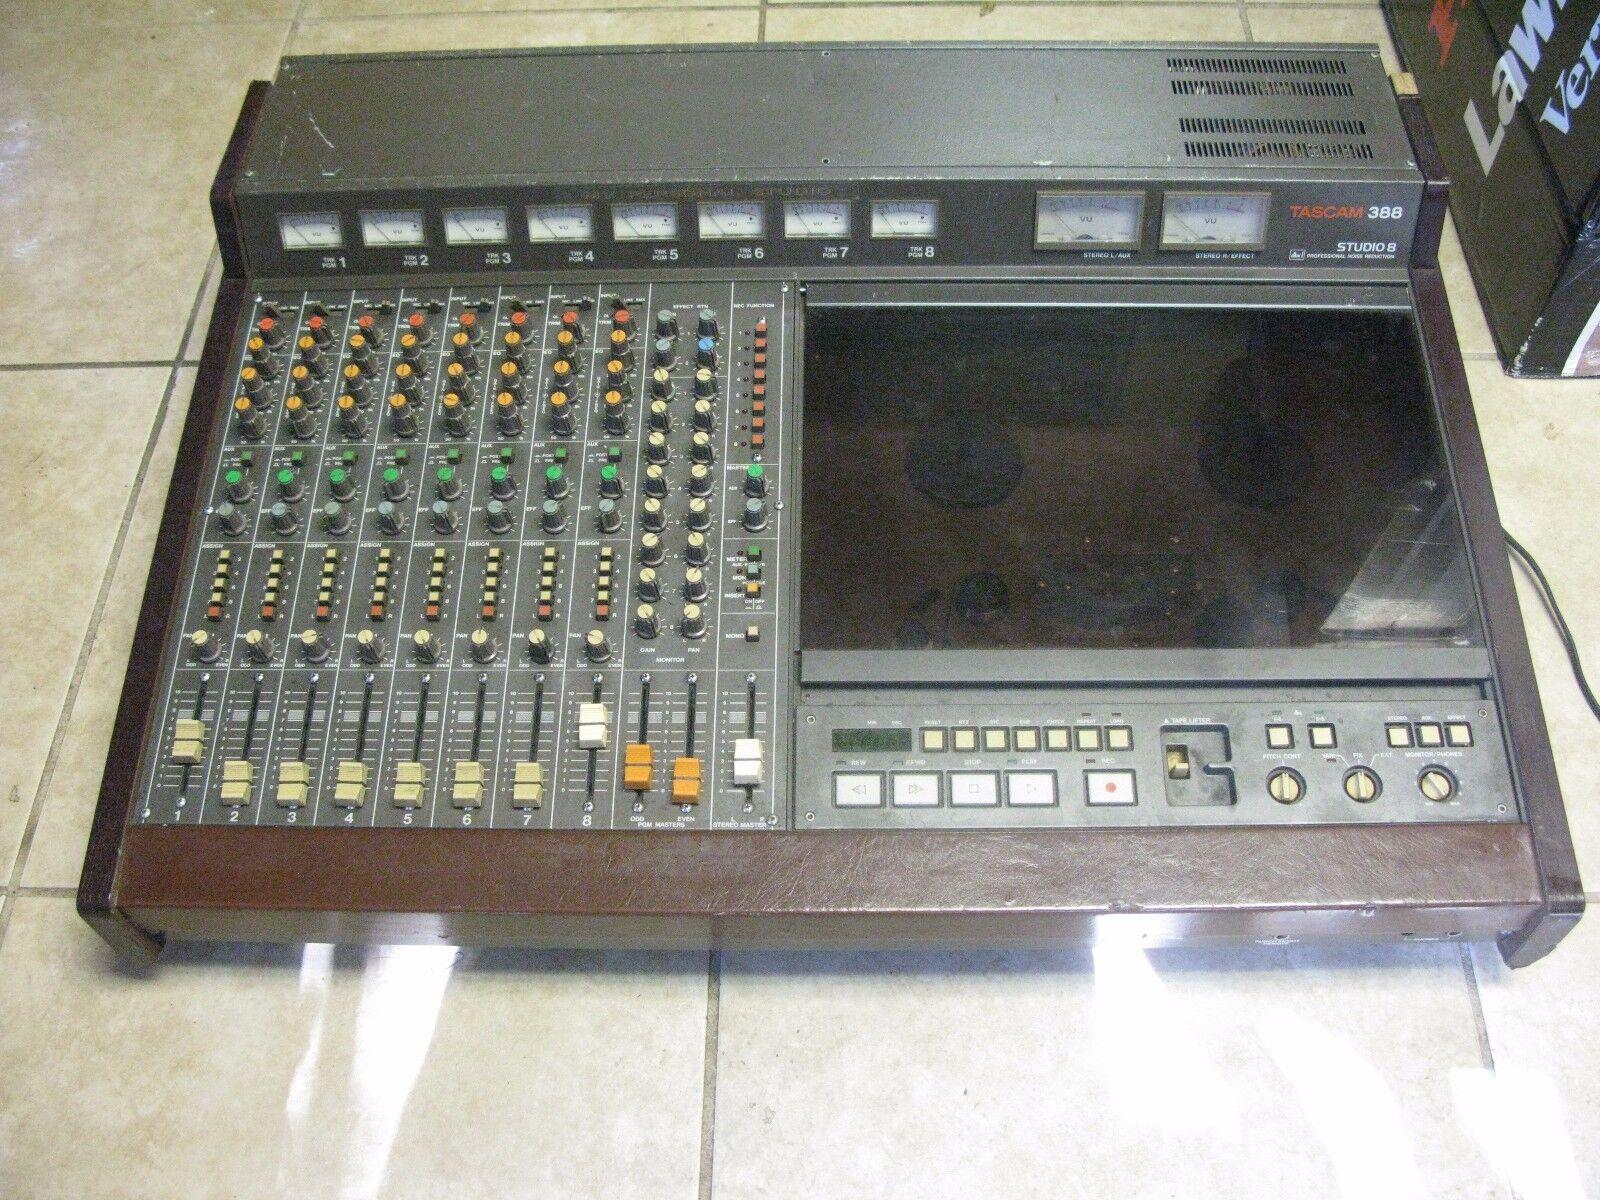 Tascam 388 Studio 8 Tape ....<br>